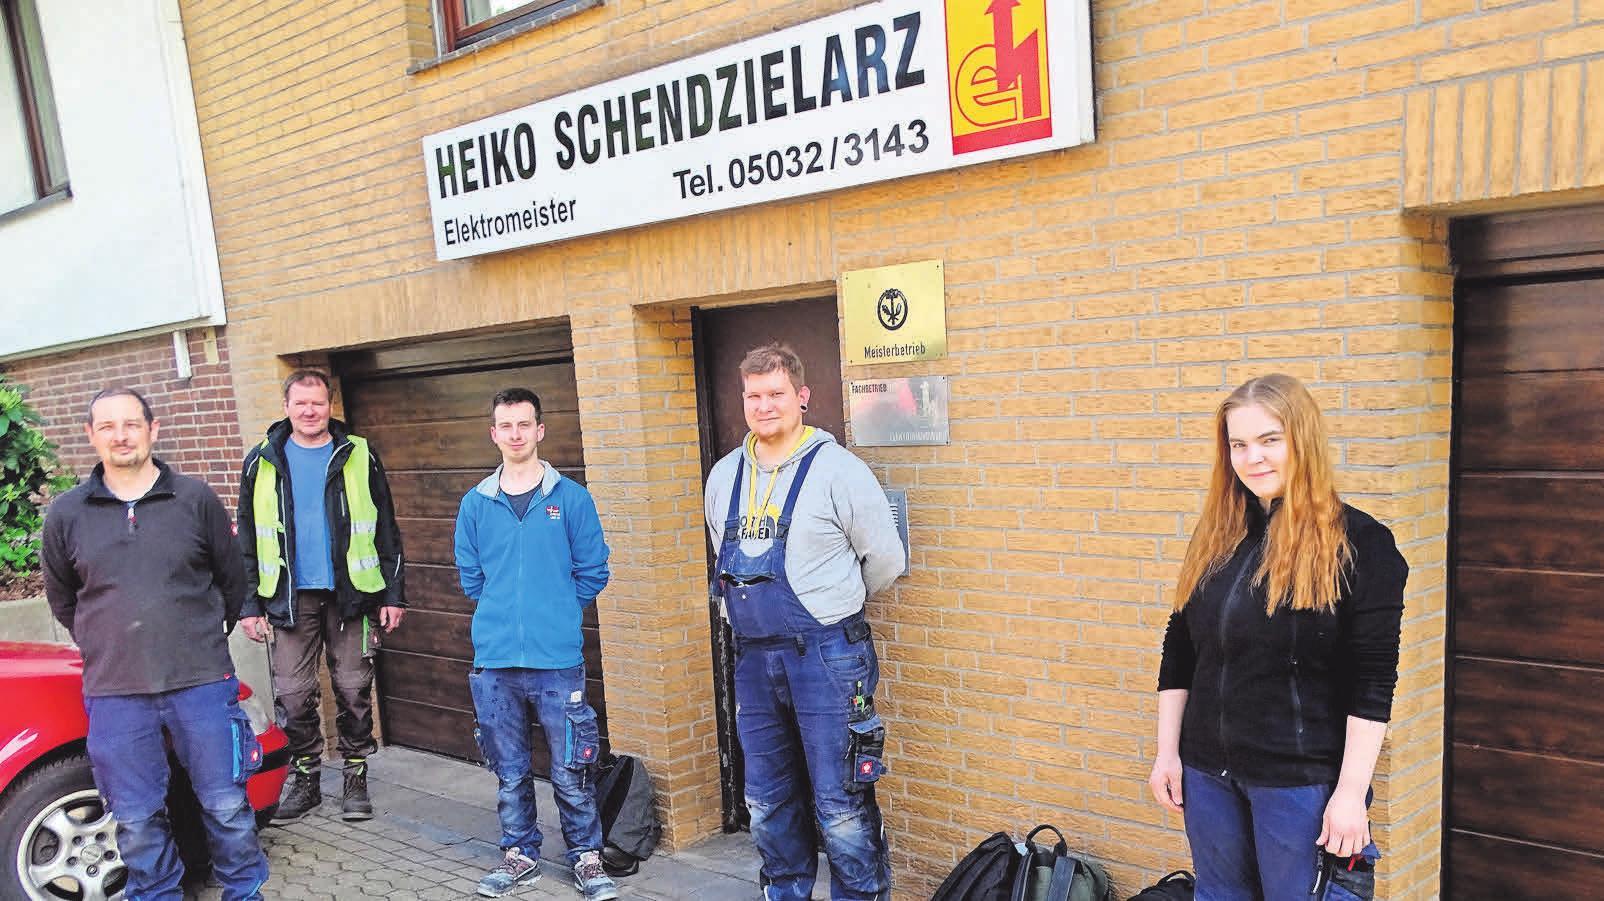 Zum Mitarbeiterteam gehören auch Oliver Hasselbring (von links), Harald Bieschke, Pascal Brandts, Dennis Brieske und Celin Reitmeister.